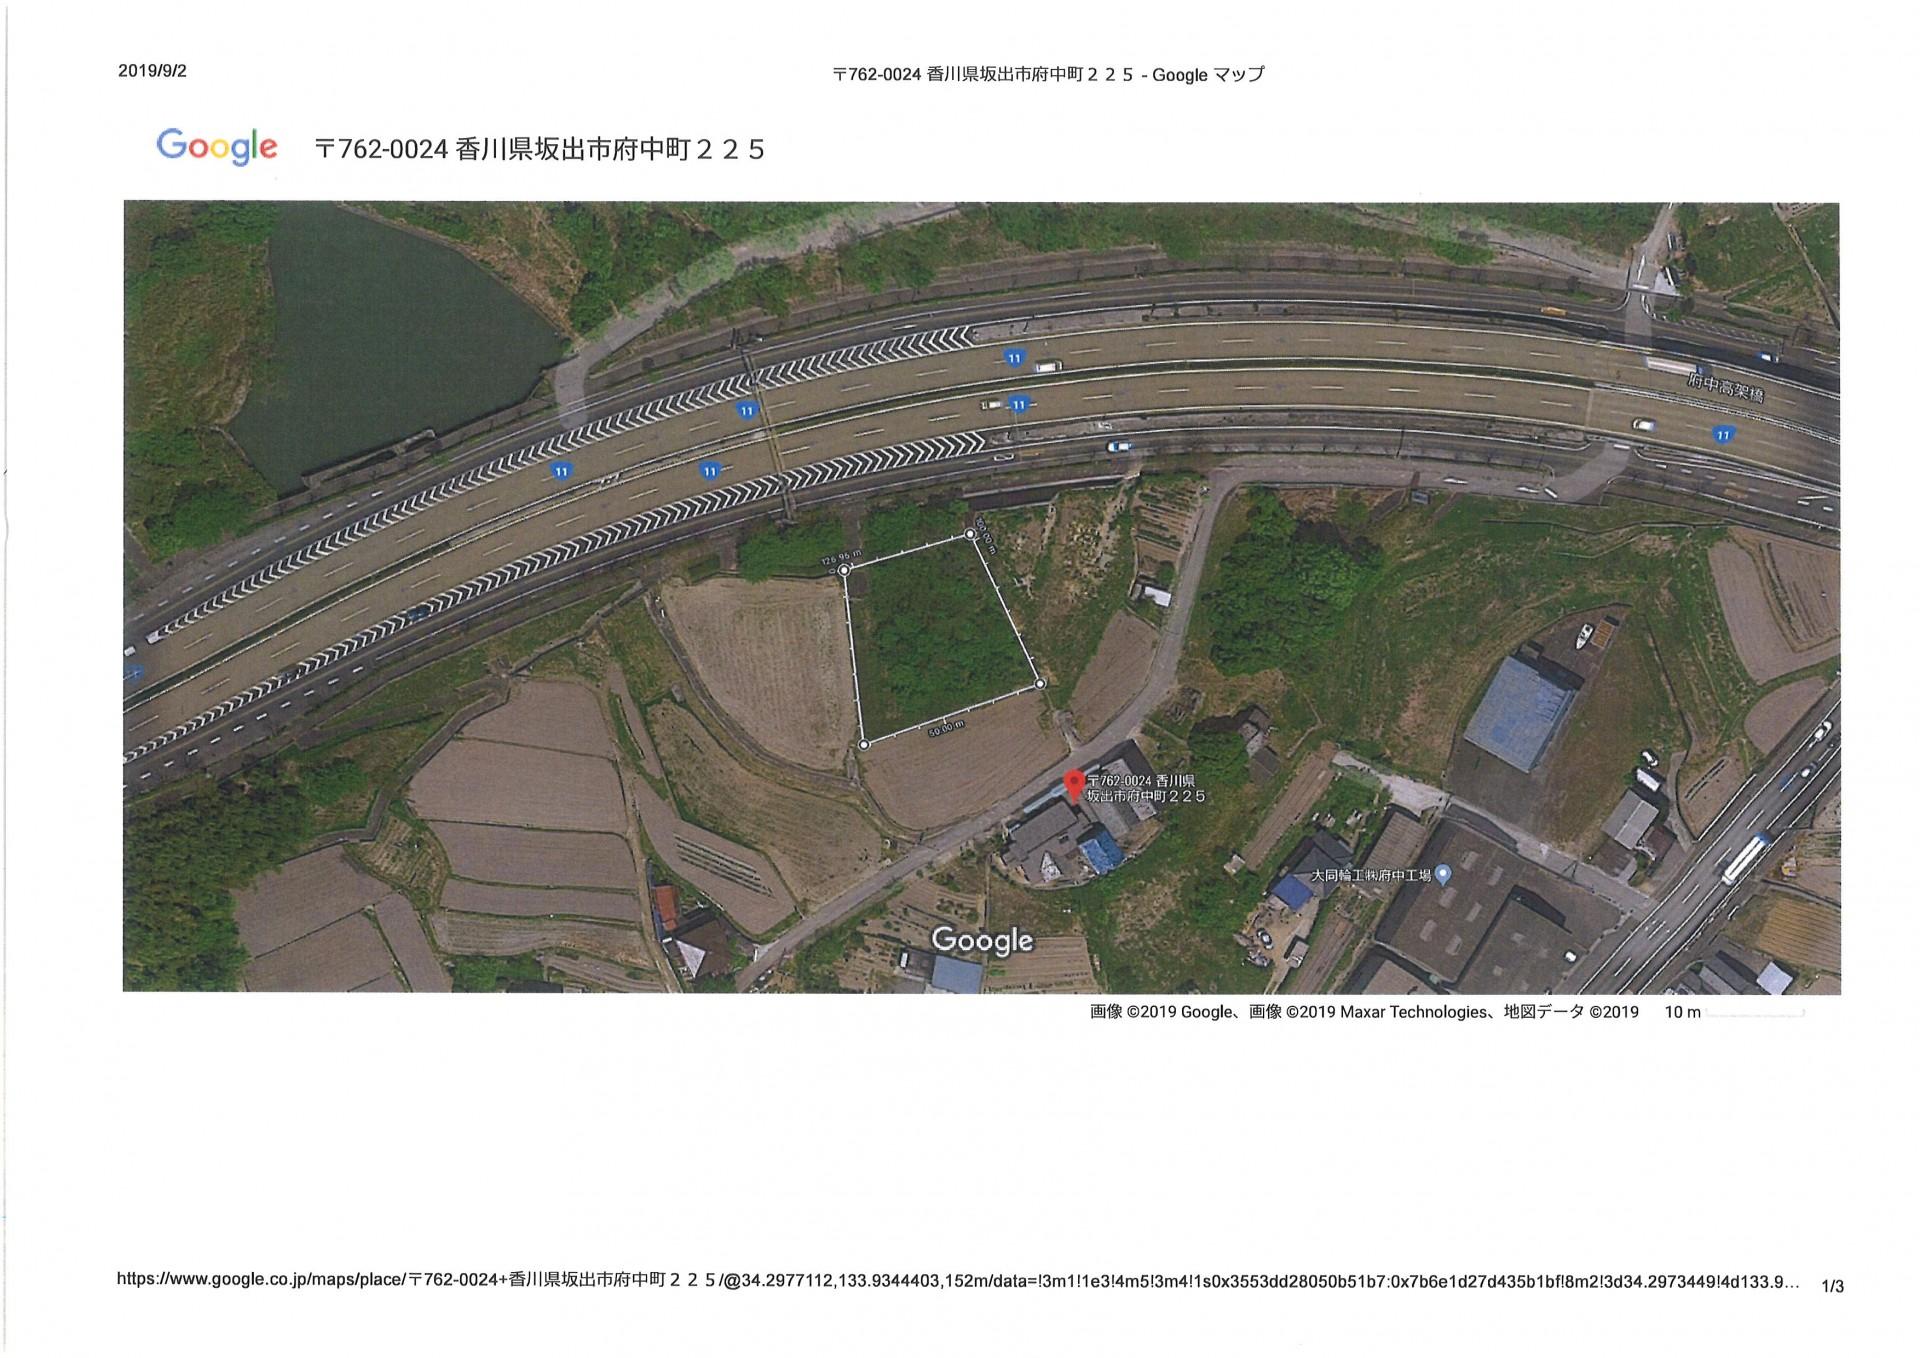 【JPN】G101 FIT14円 香川県坂出市発電所のメイン画像